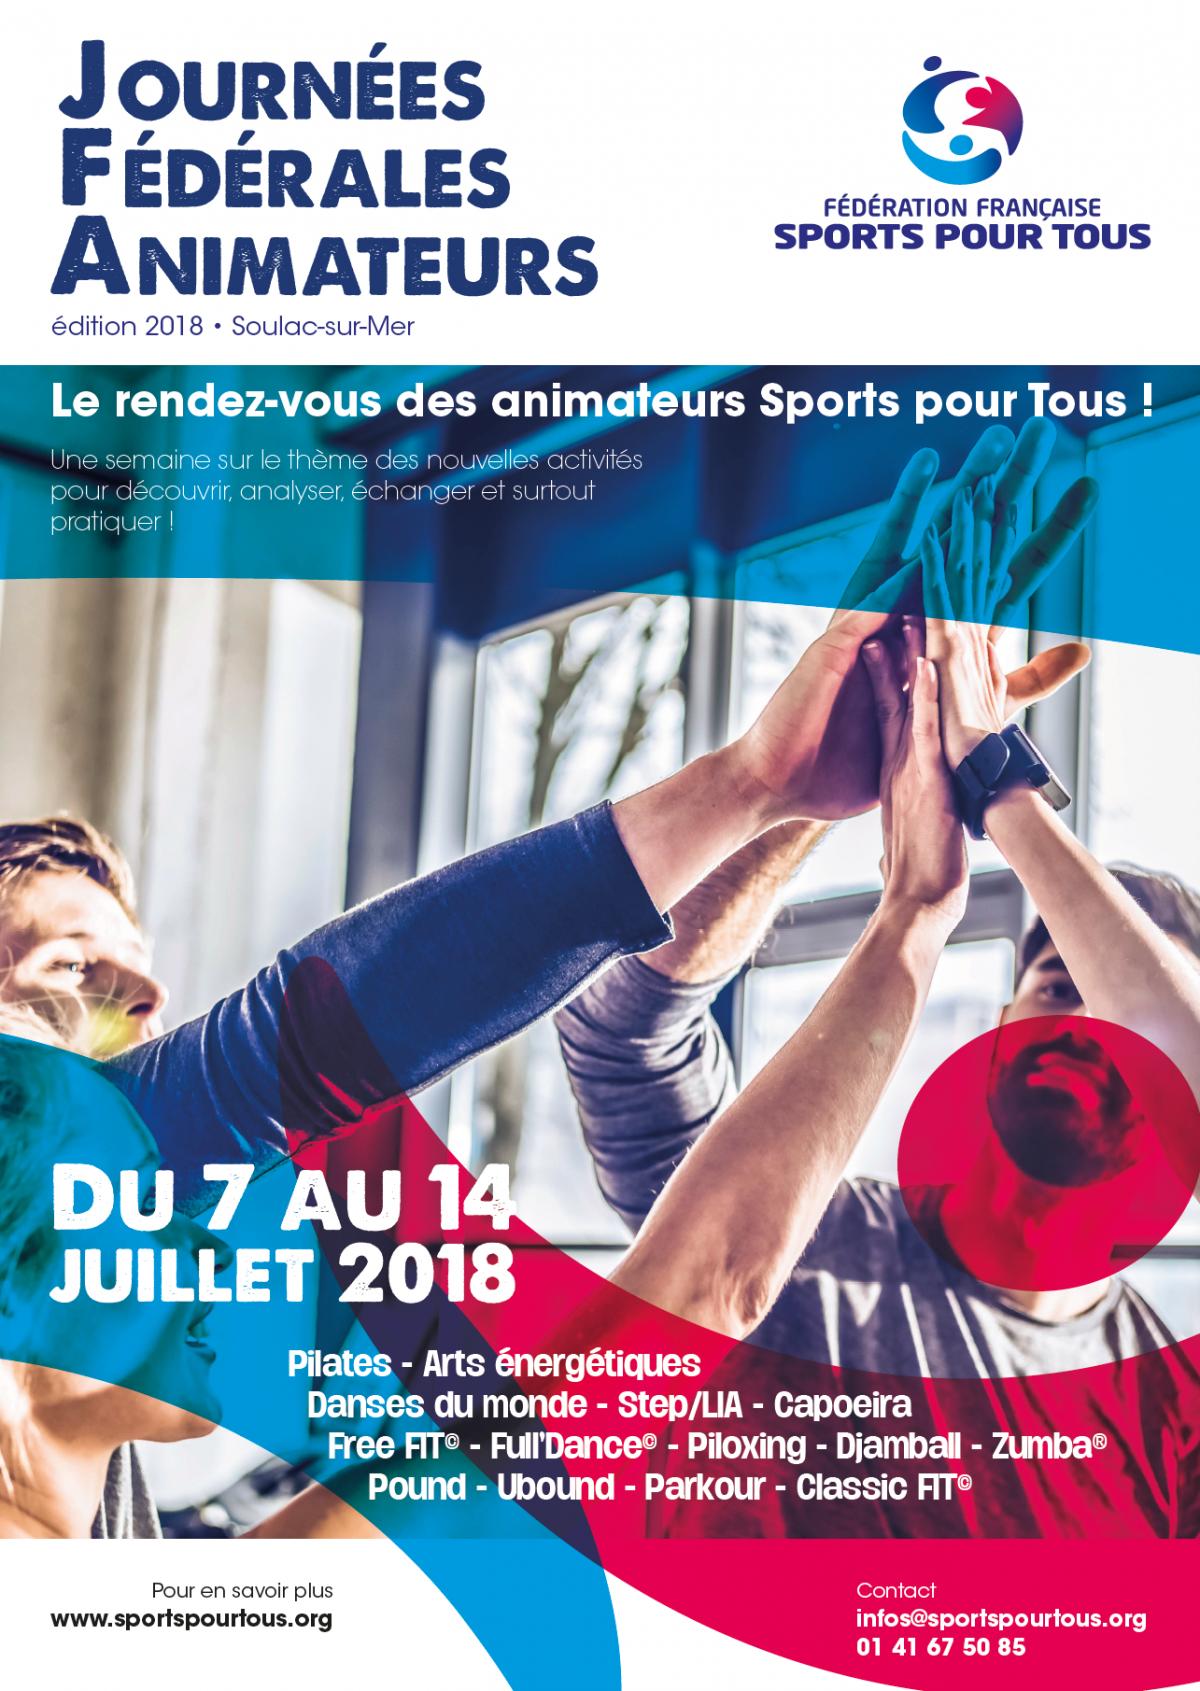 Les Journées Fédérales Animateurs – Le rendez-vous des animateurs Sports pour Tous !